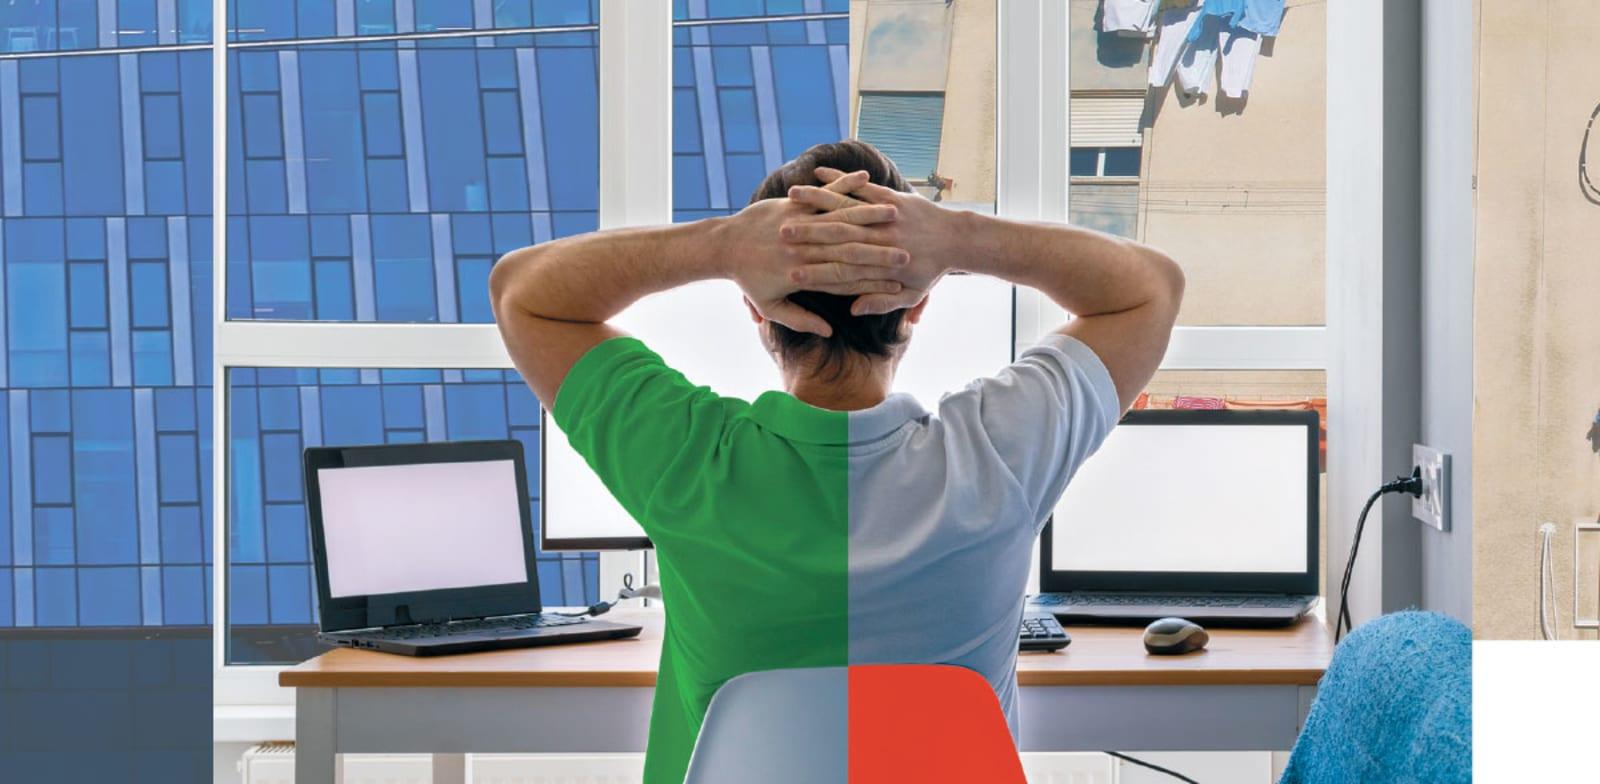 עבודה משולבת מהבית ומהמשרד / צילום: Shutterstock